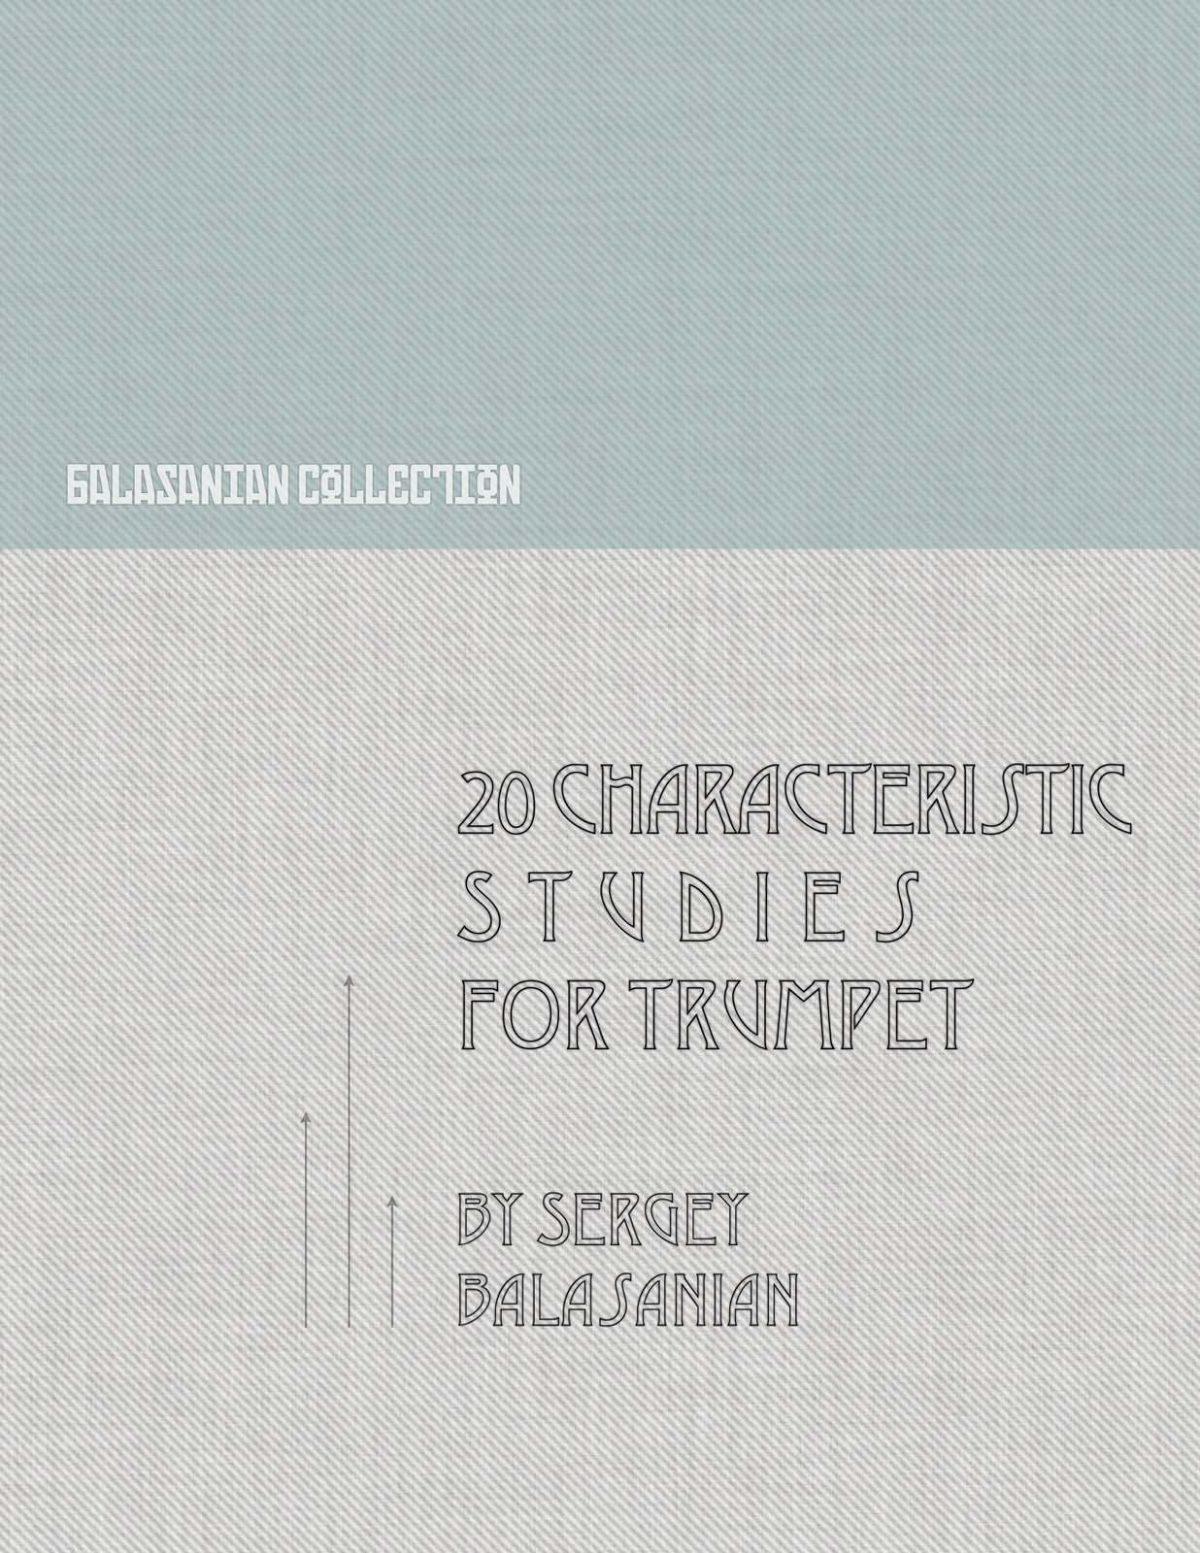 Balasanian, 20 Characteristic Studies-p01